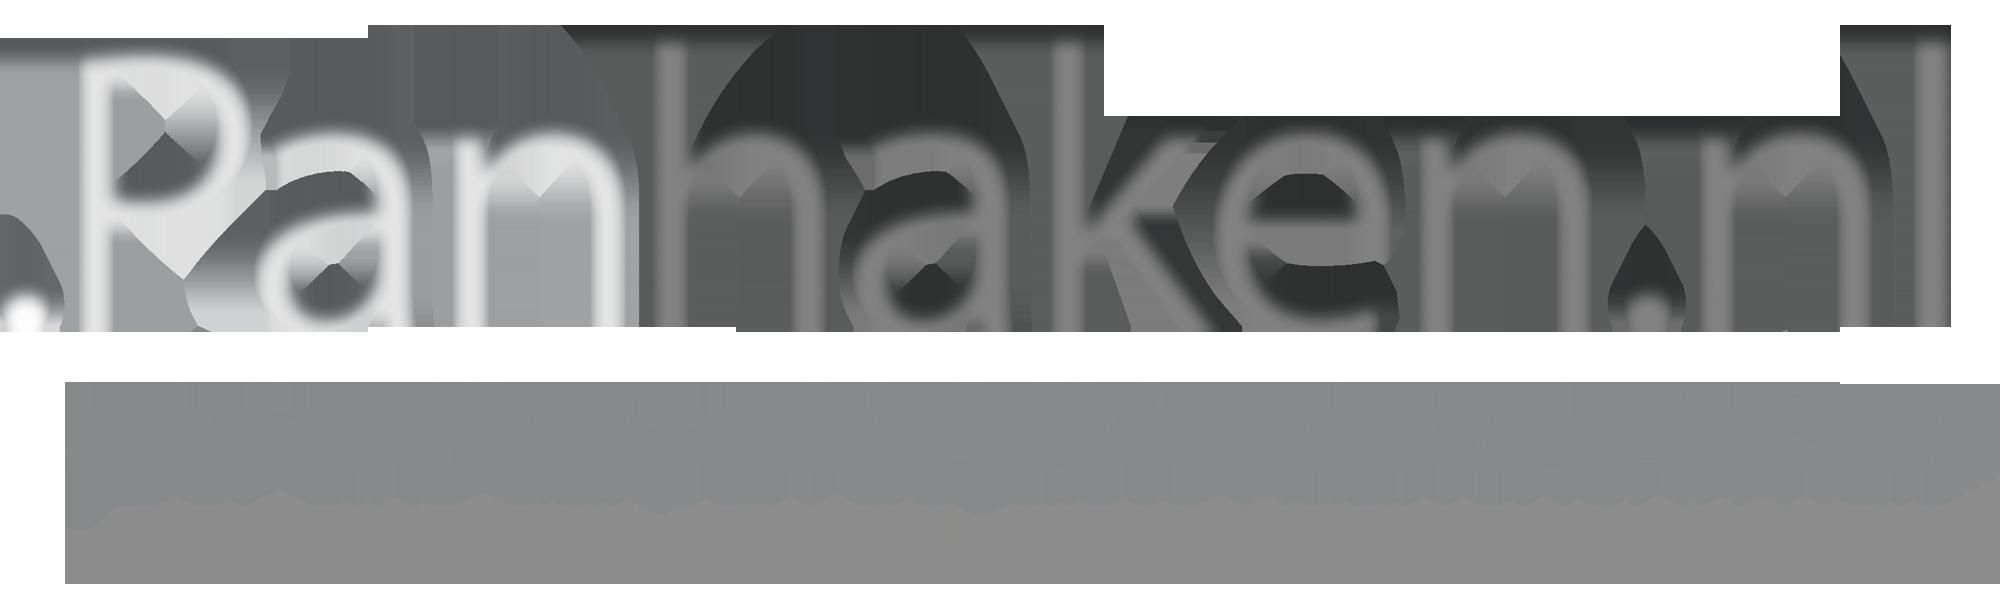 Panhaken.nl